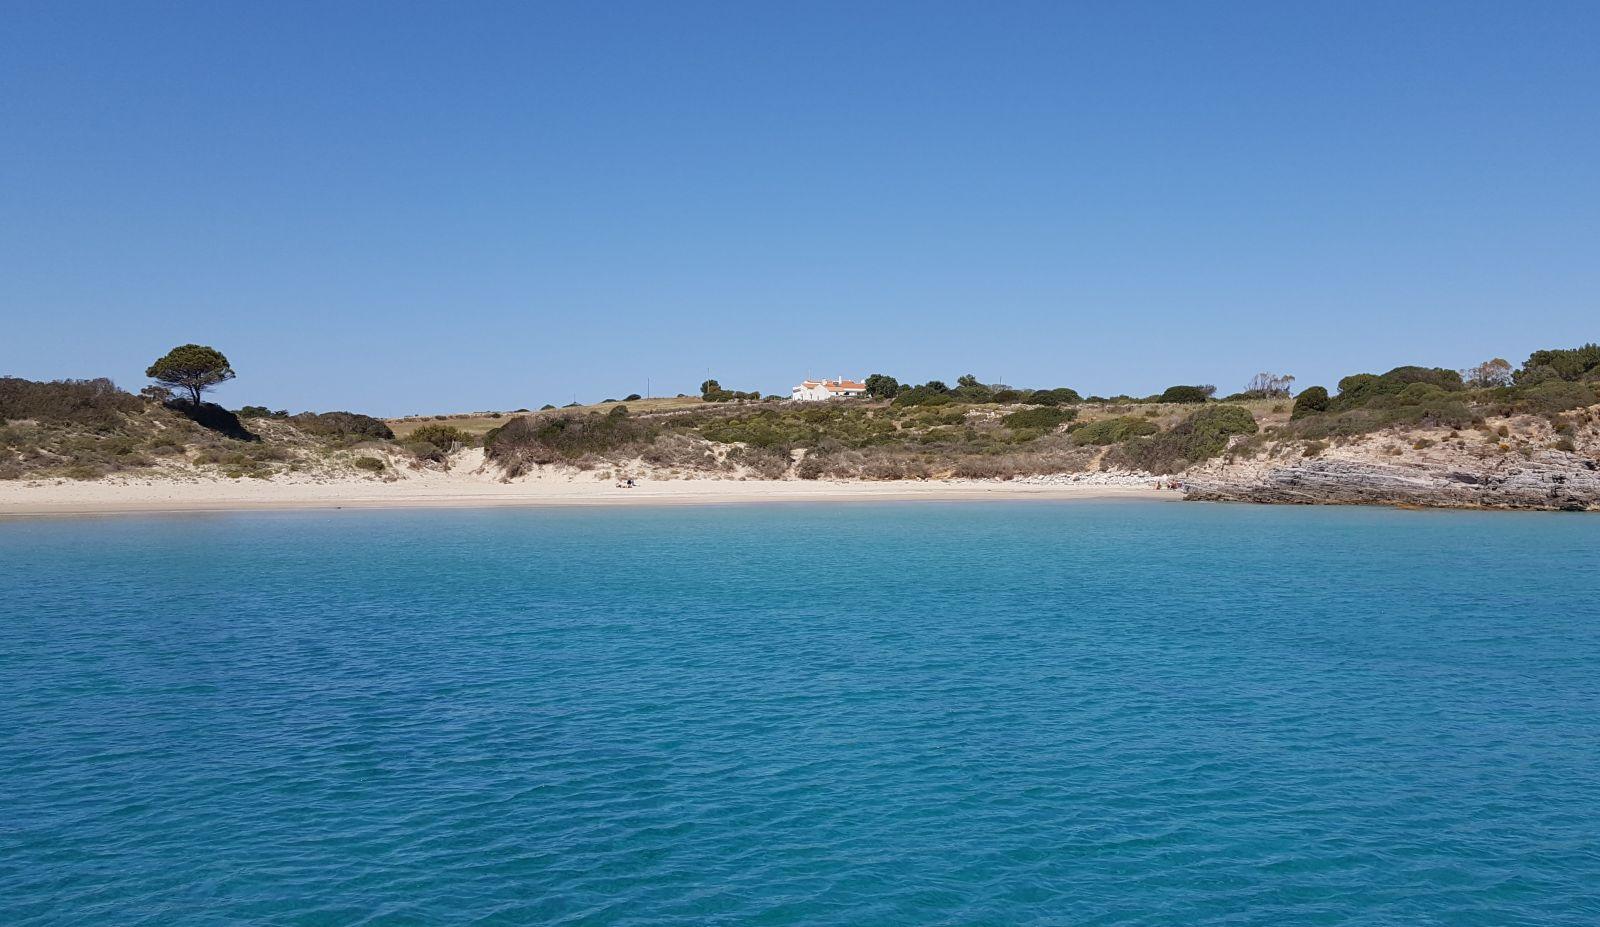 Wie an der Costa Smeralda  gehören auch im Süden und Osten lange Sandstrände zur Küstenlandschaft. ©1aYachtcharter GmbH